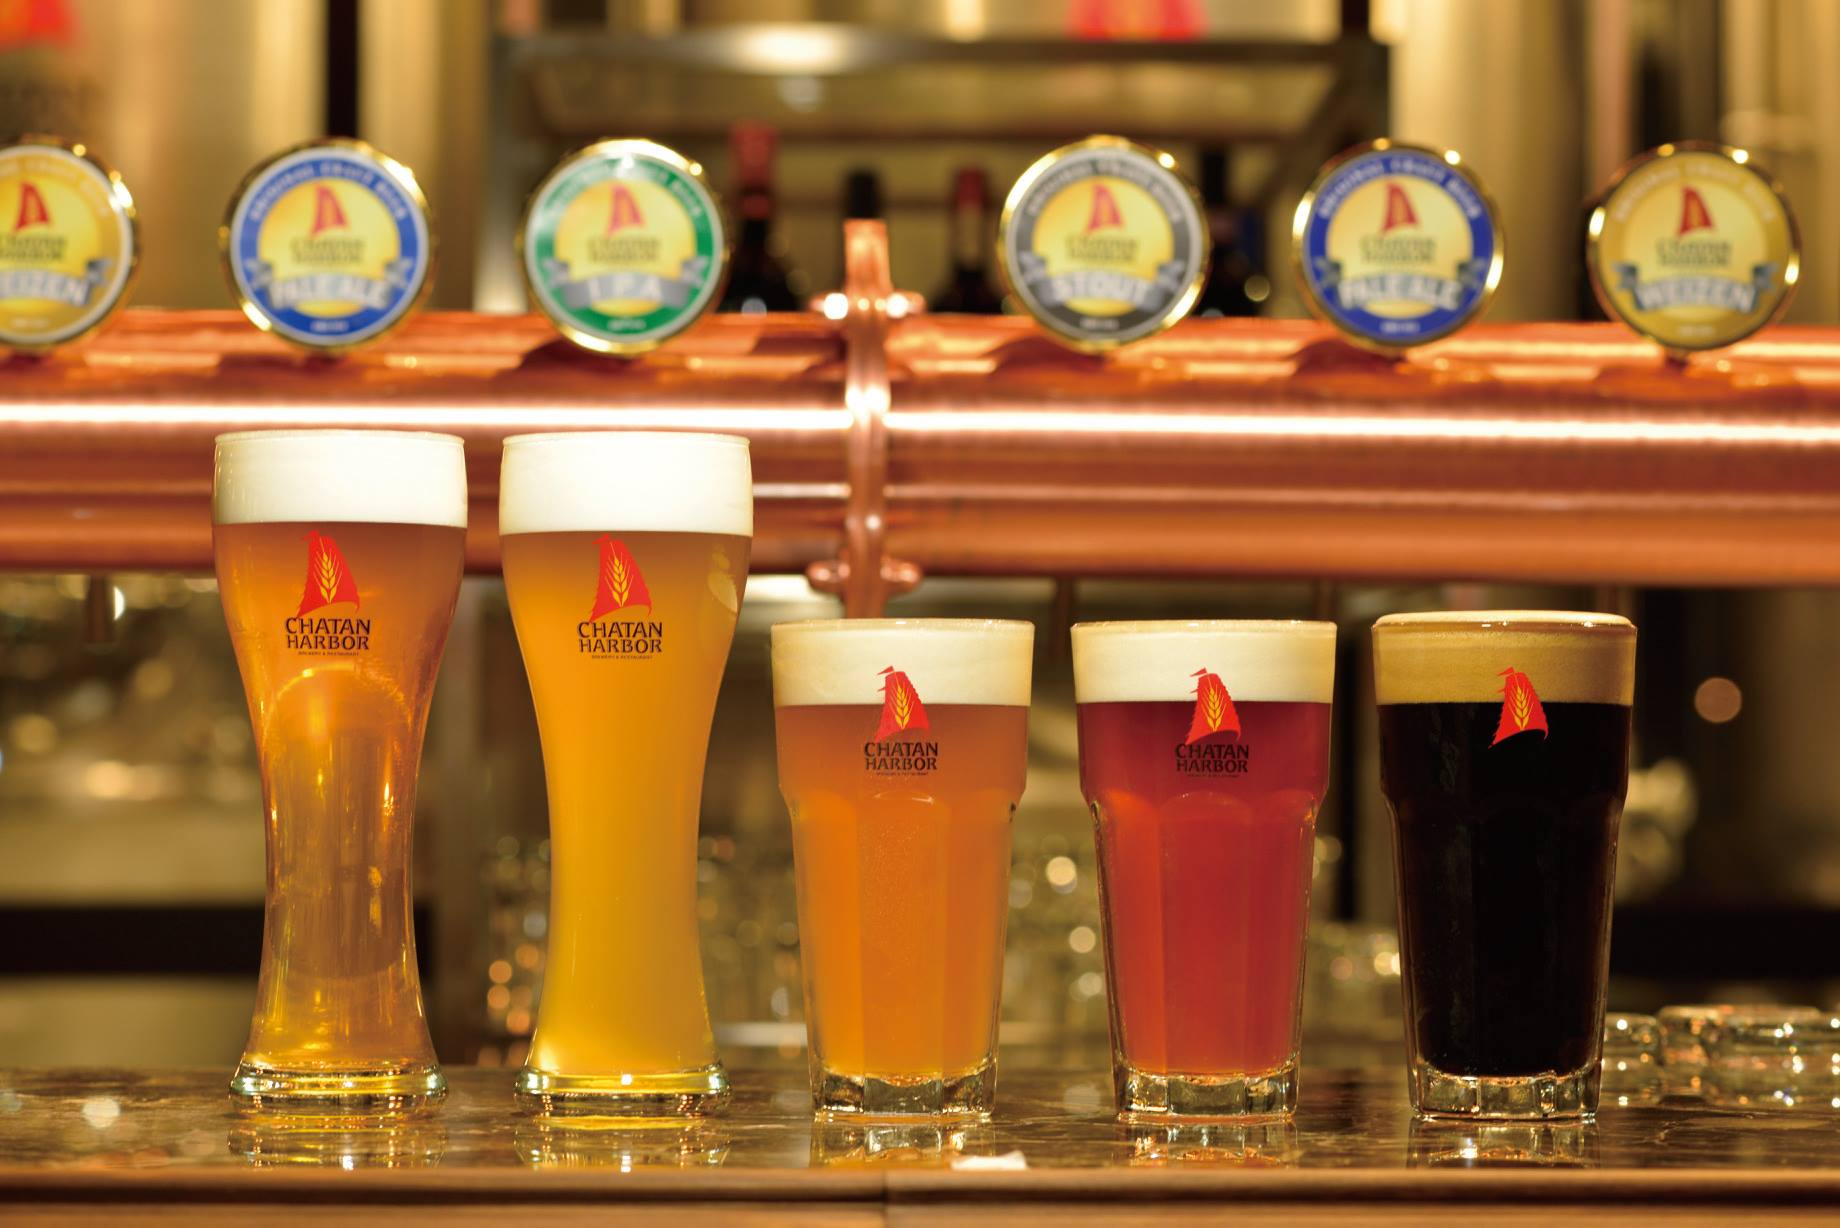 チャタンハーバー ブルワリー&レストランでの楽しみ方|沖縄ラボPassでもっと沖縄旅行を楽しもう